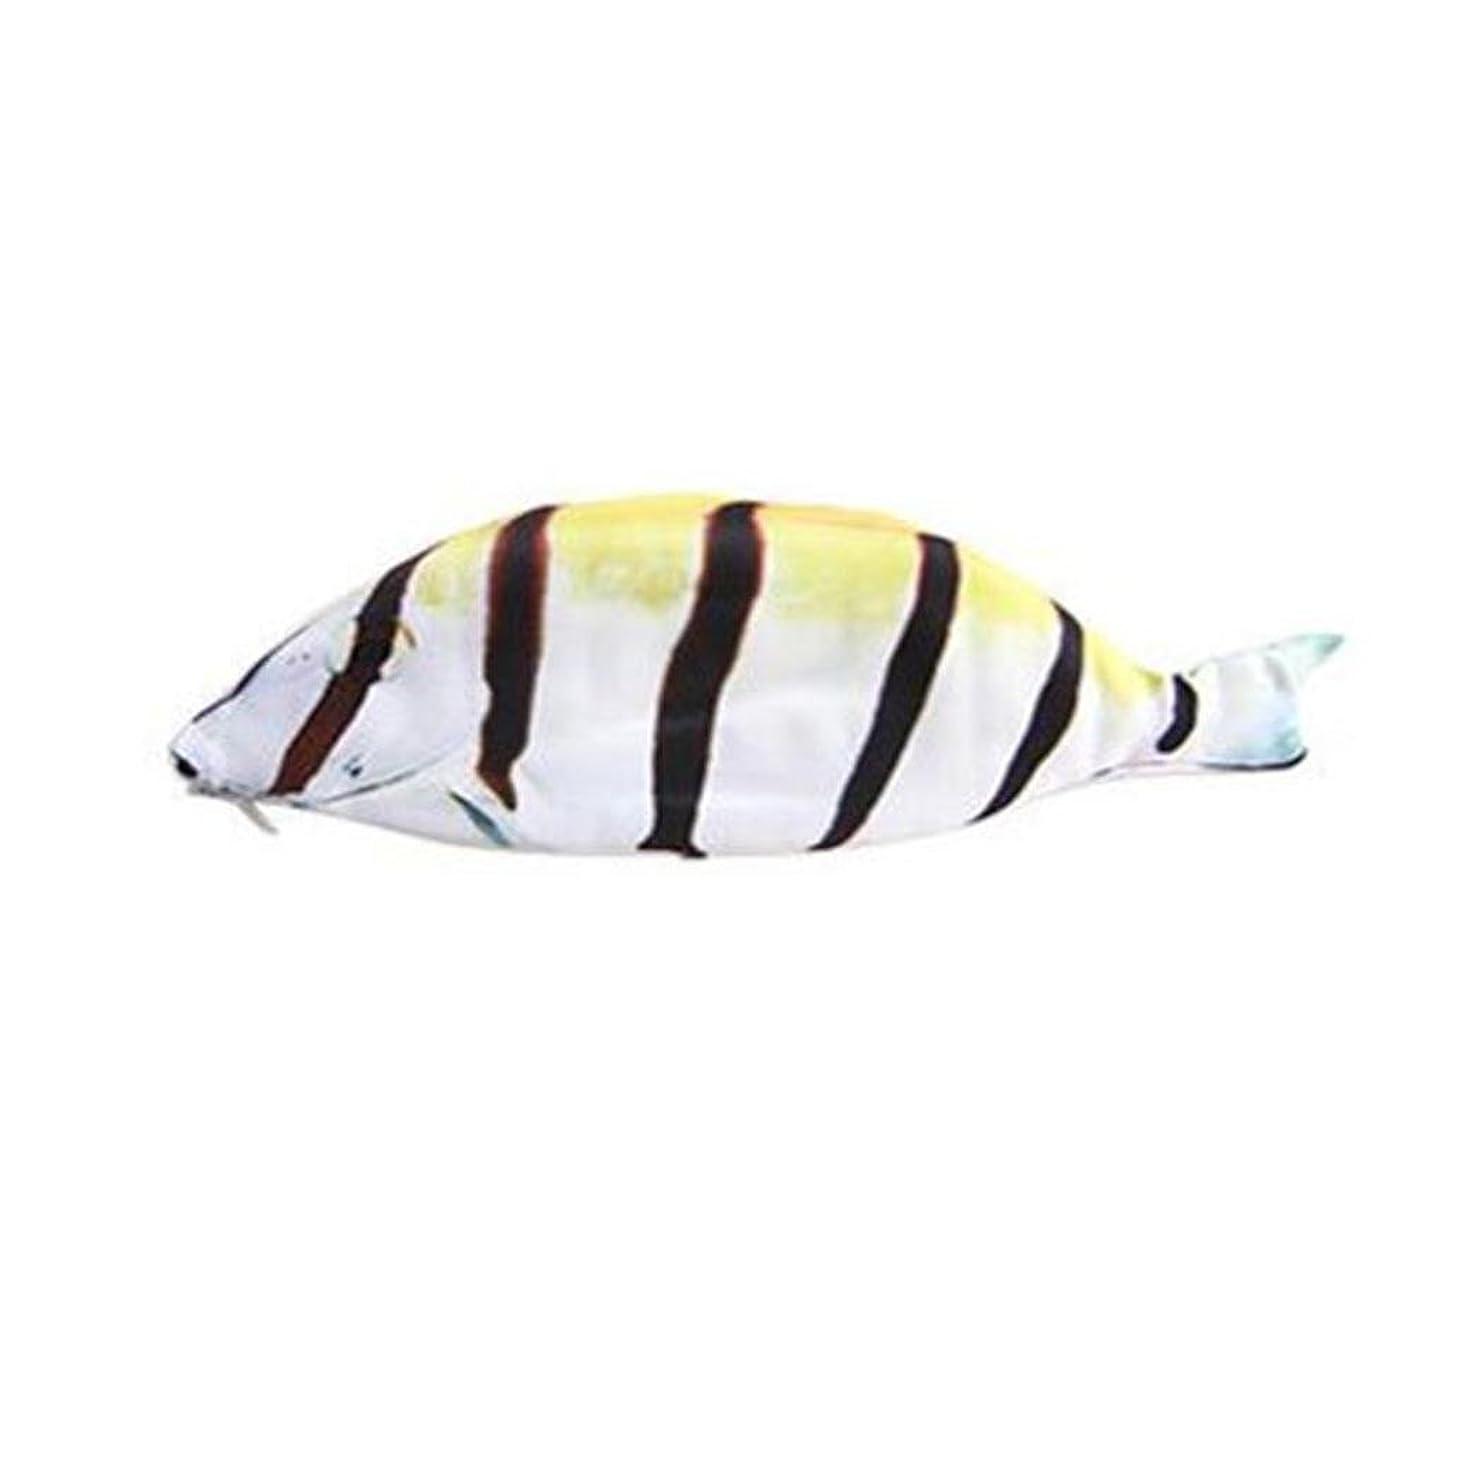 最も先行するラグYeefant 2018 新発売 3Dプリント 魚の世界 ペンケース 高級感満々! とってもユニークな魚型 小物収納 筆入 超人気 筆箱 シンプル タイプ ペンボックス 大容量なので余裕の収納力 おしゃれ 超徳用 ペンポーチ 4色を選べる (イエロー)